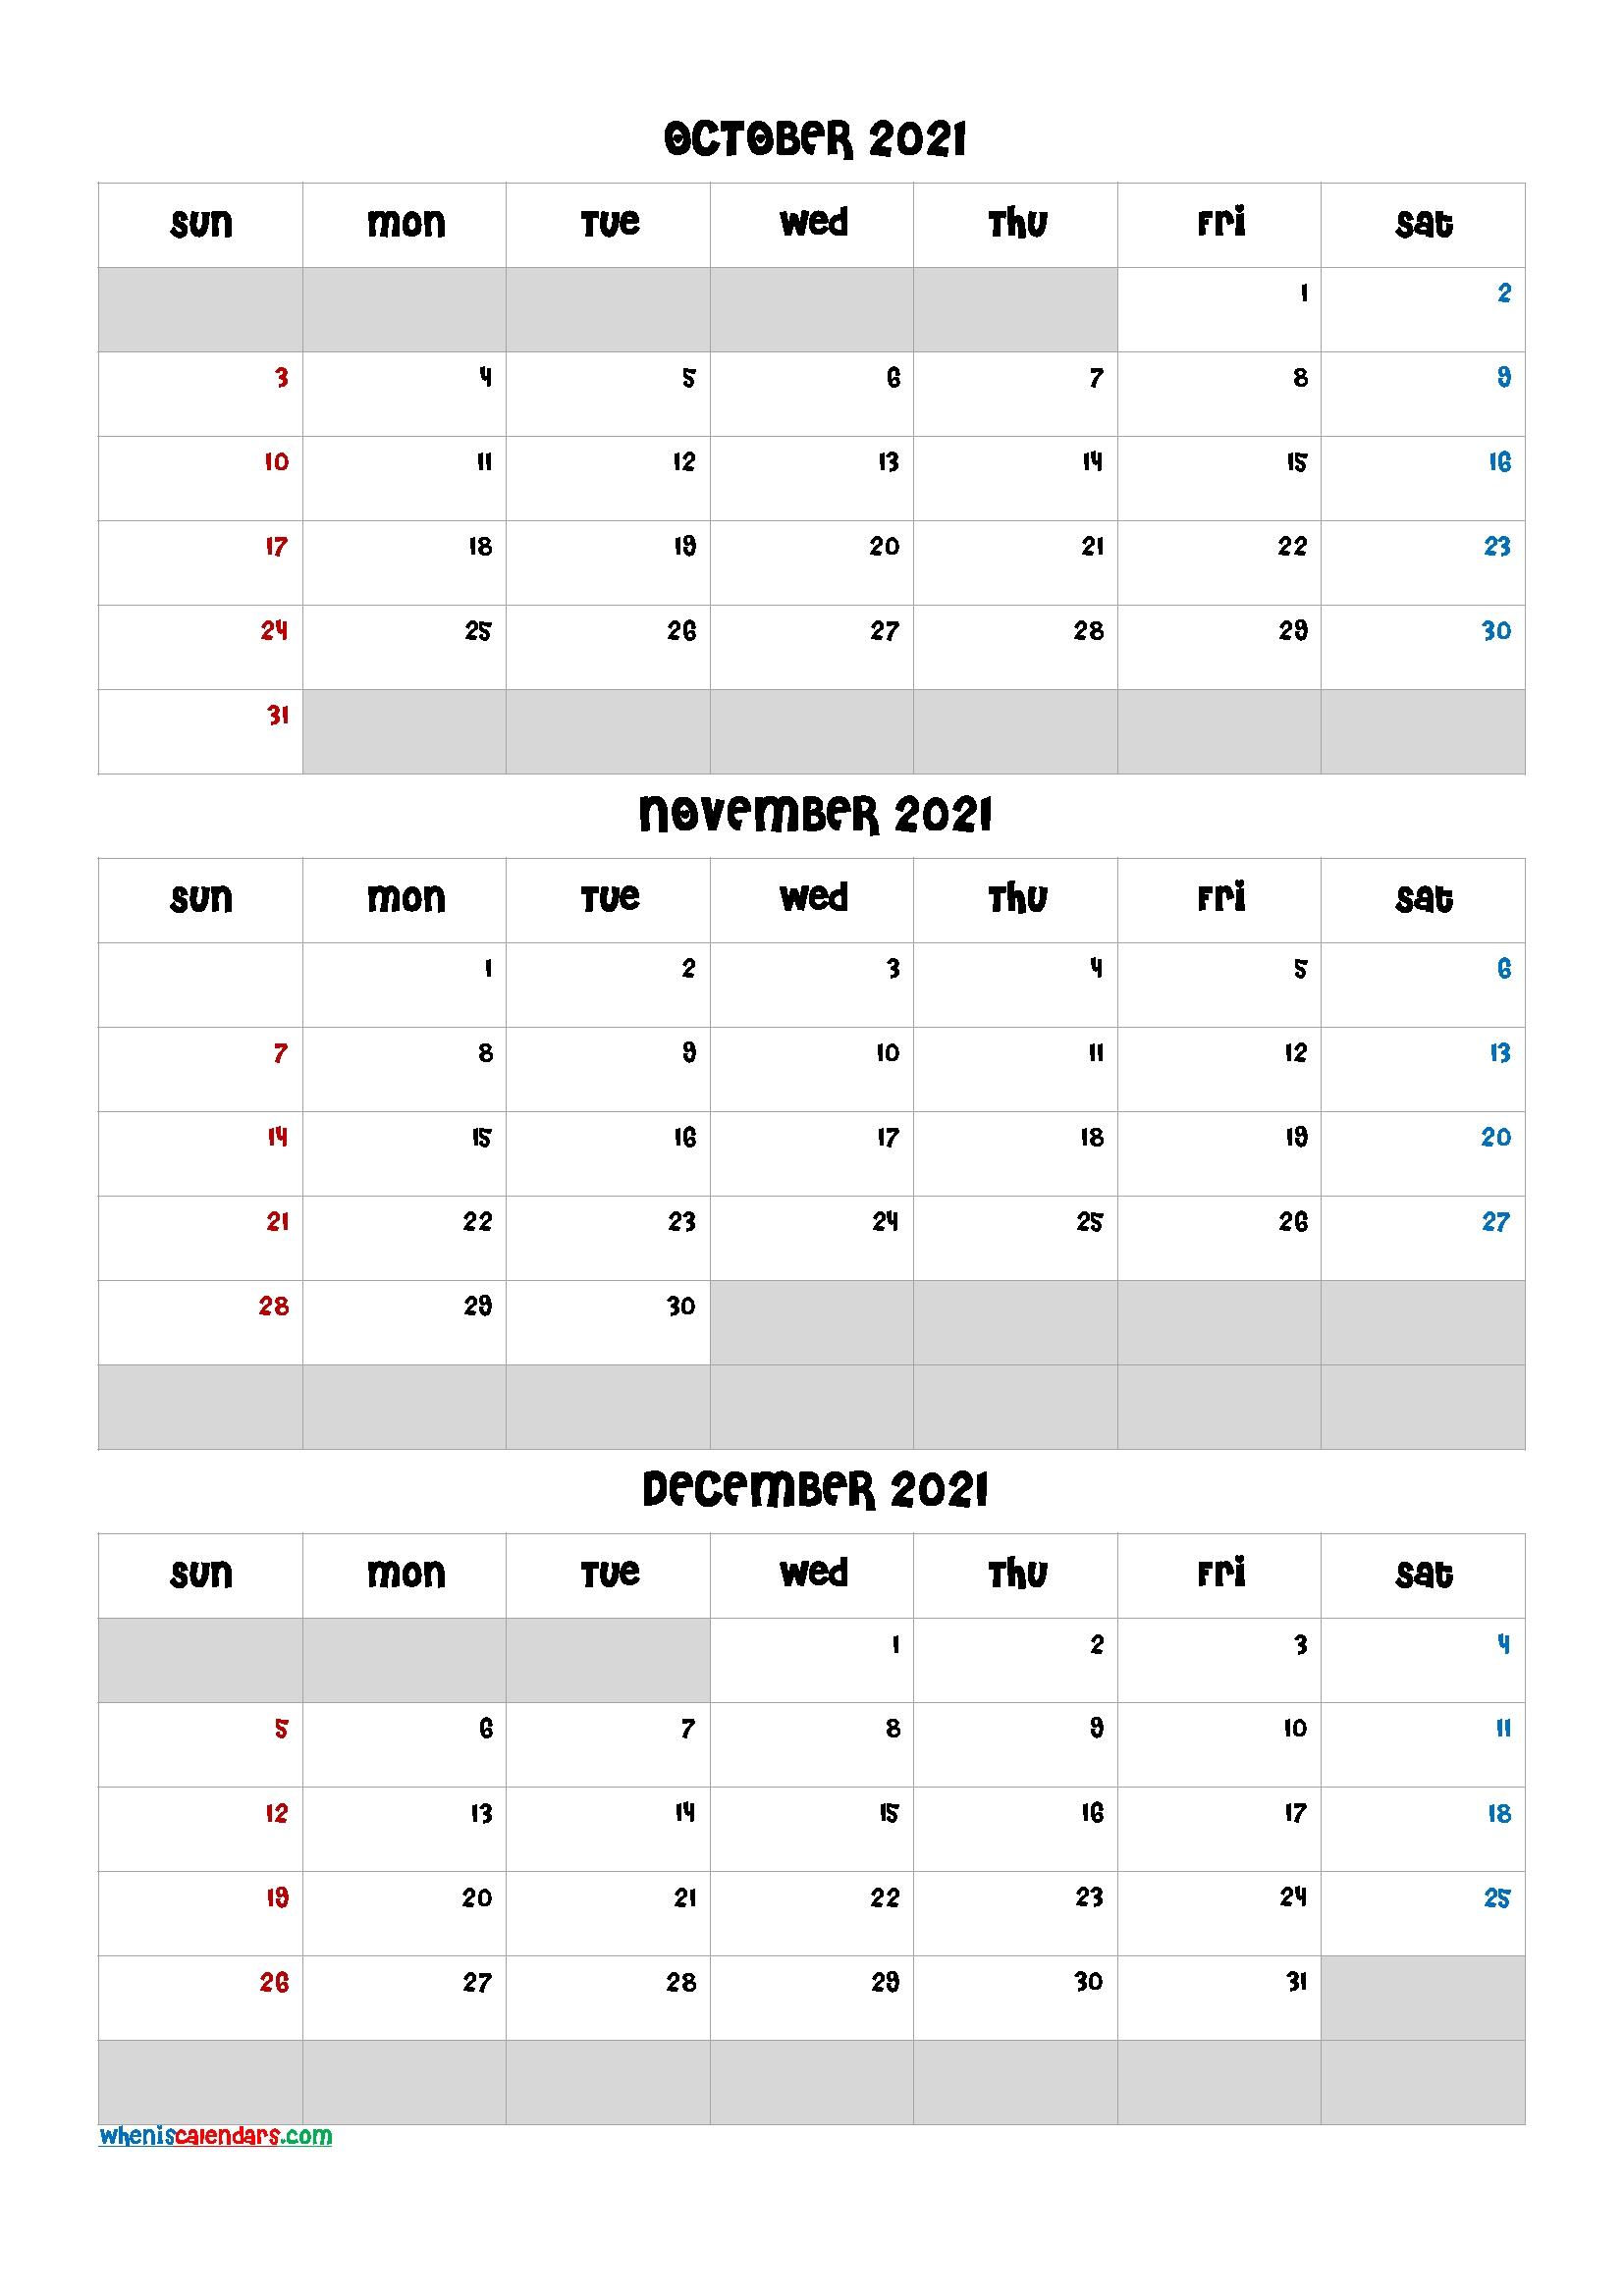 Free Calendar October November December 2021-Template Code  Calendar October November December 2021